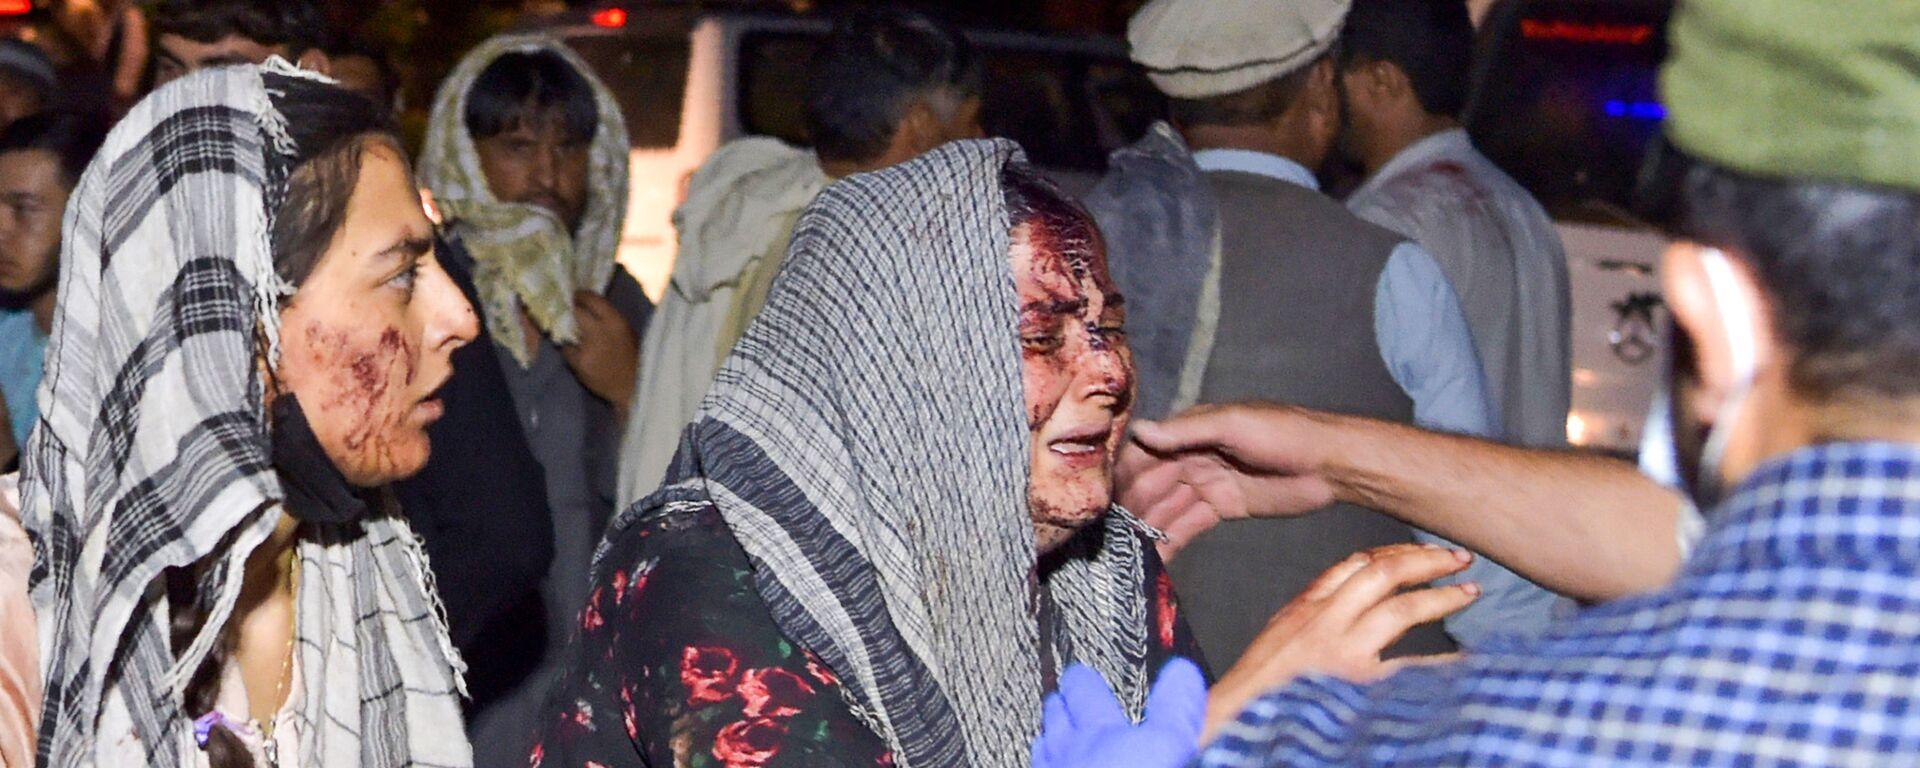 Opfer der Bombenanschläge in Kabul, Afghanistan - SNA, 1920, 27.08.2021